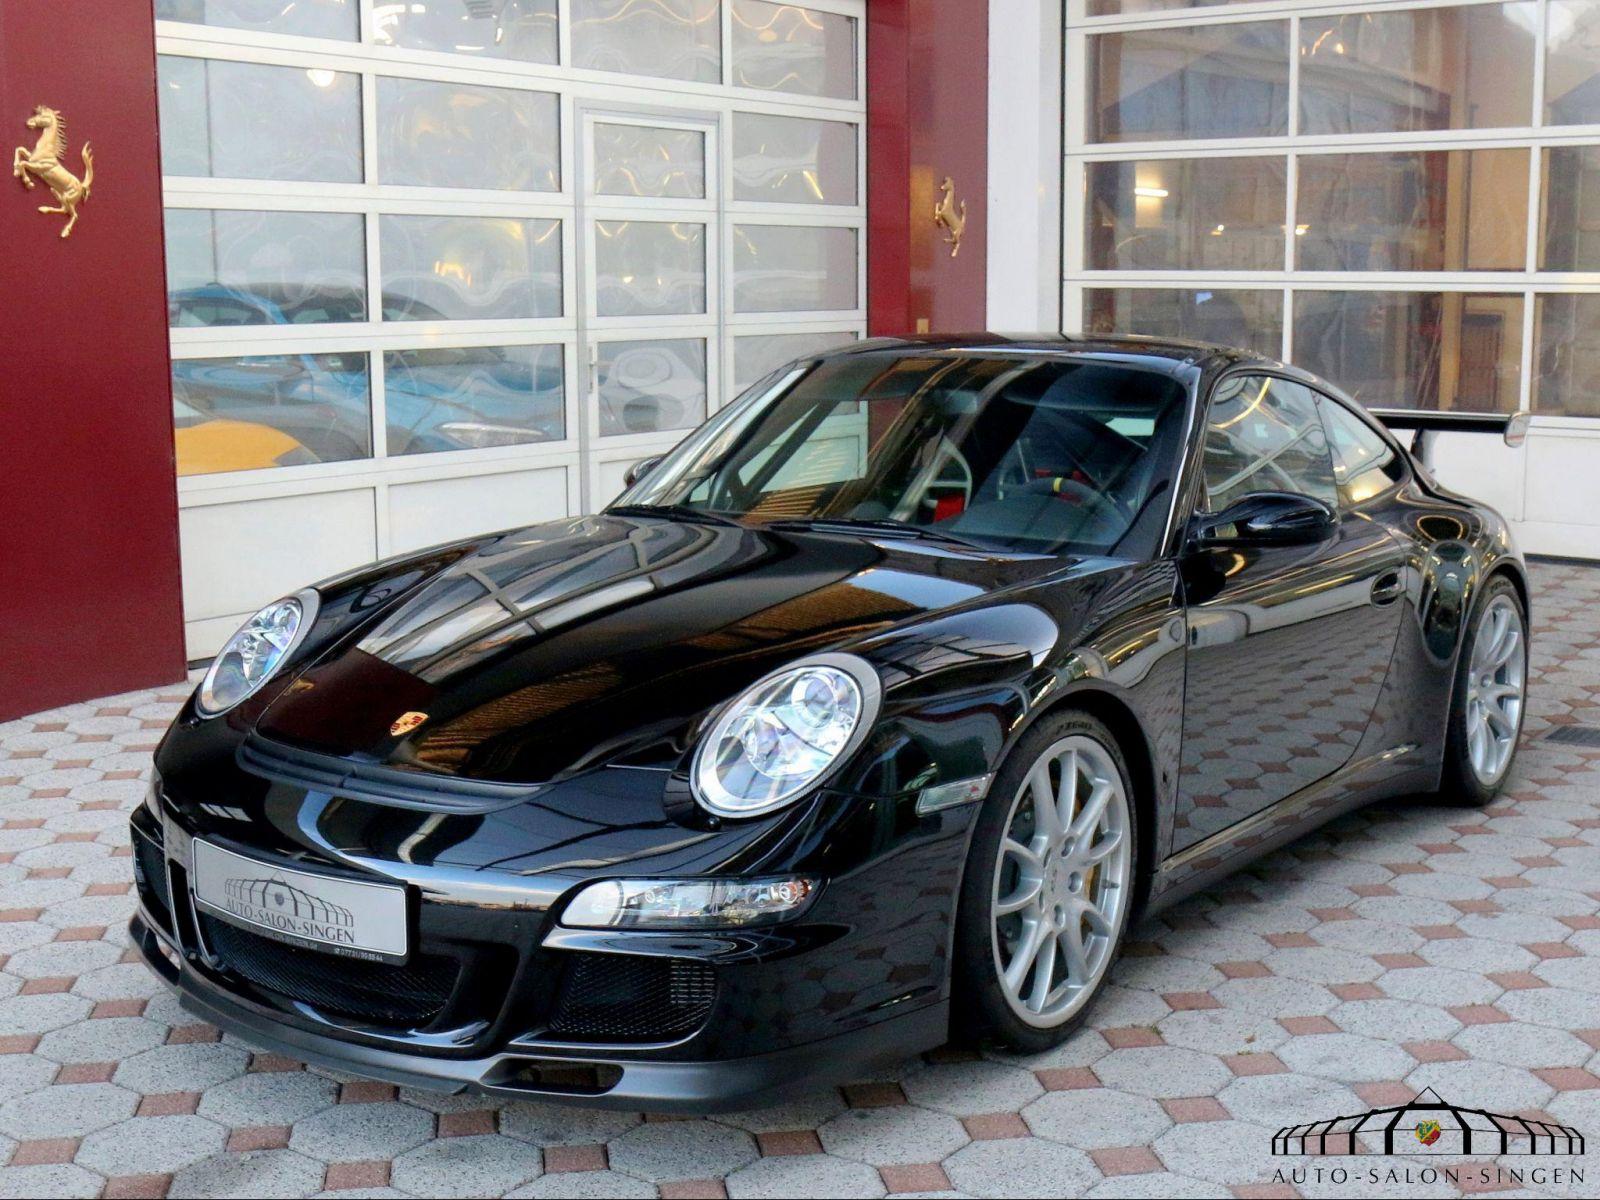 Porsche Gt3 Rs Price >> Porsche 997 GT3 RS Coupé - Auto Salon Singen